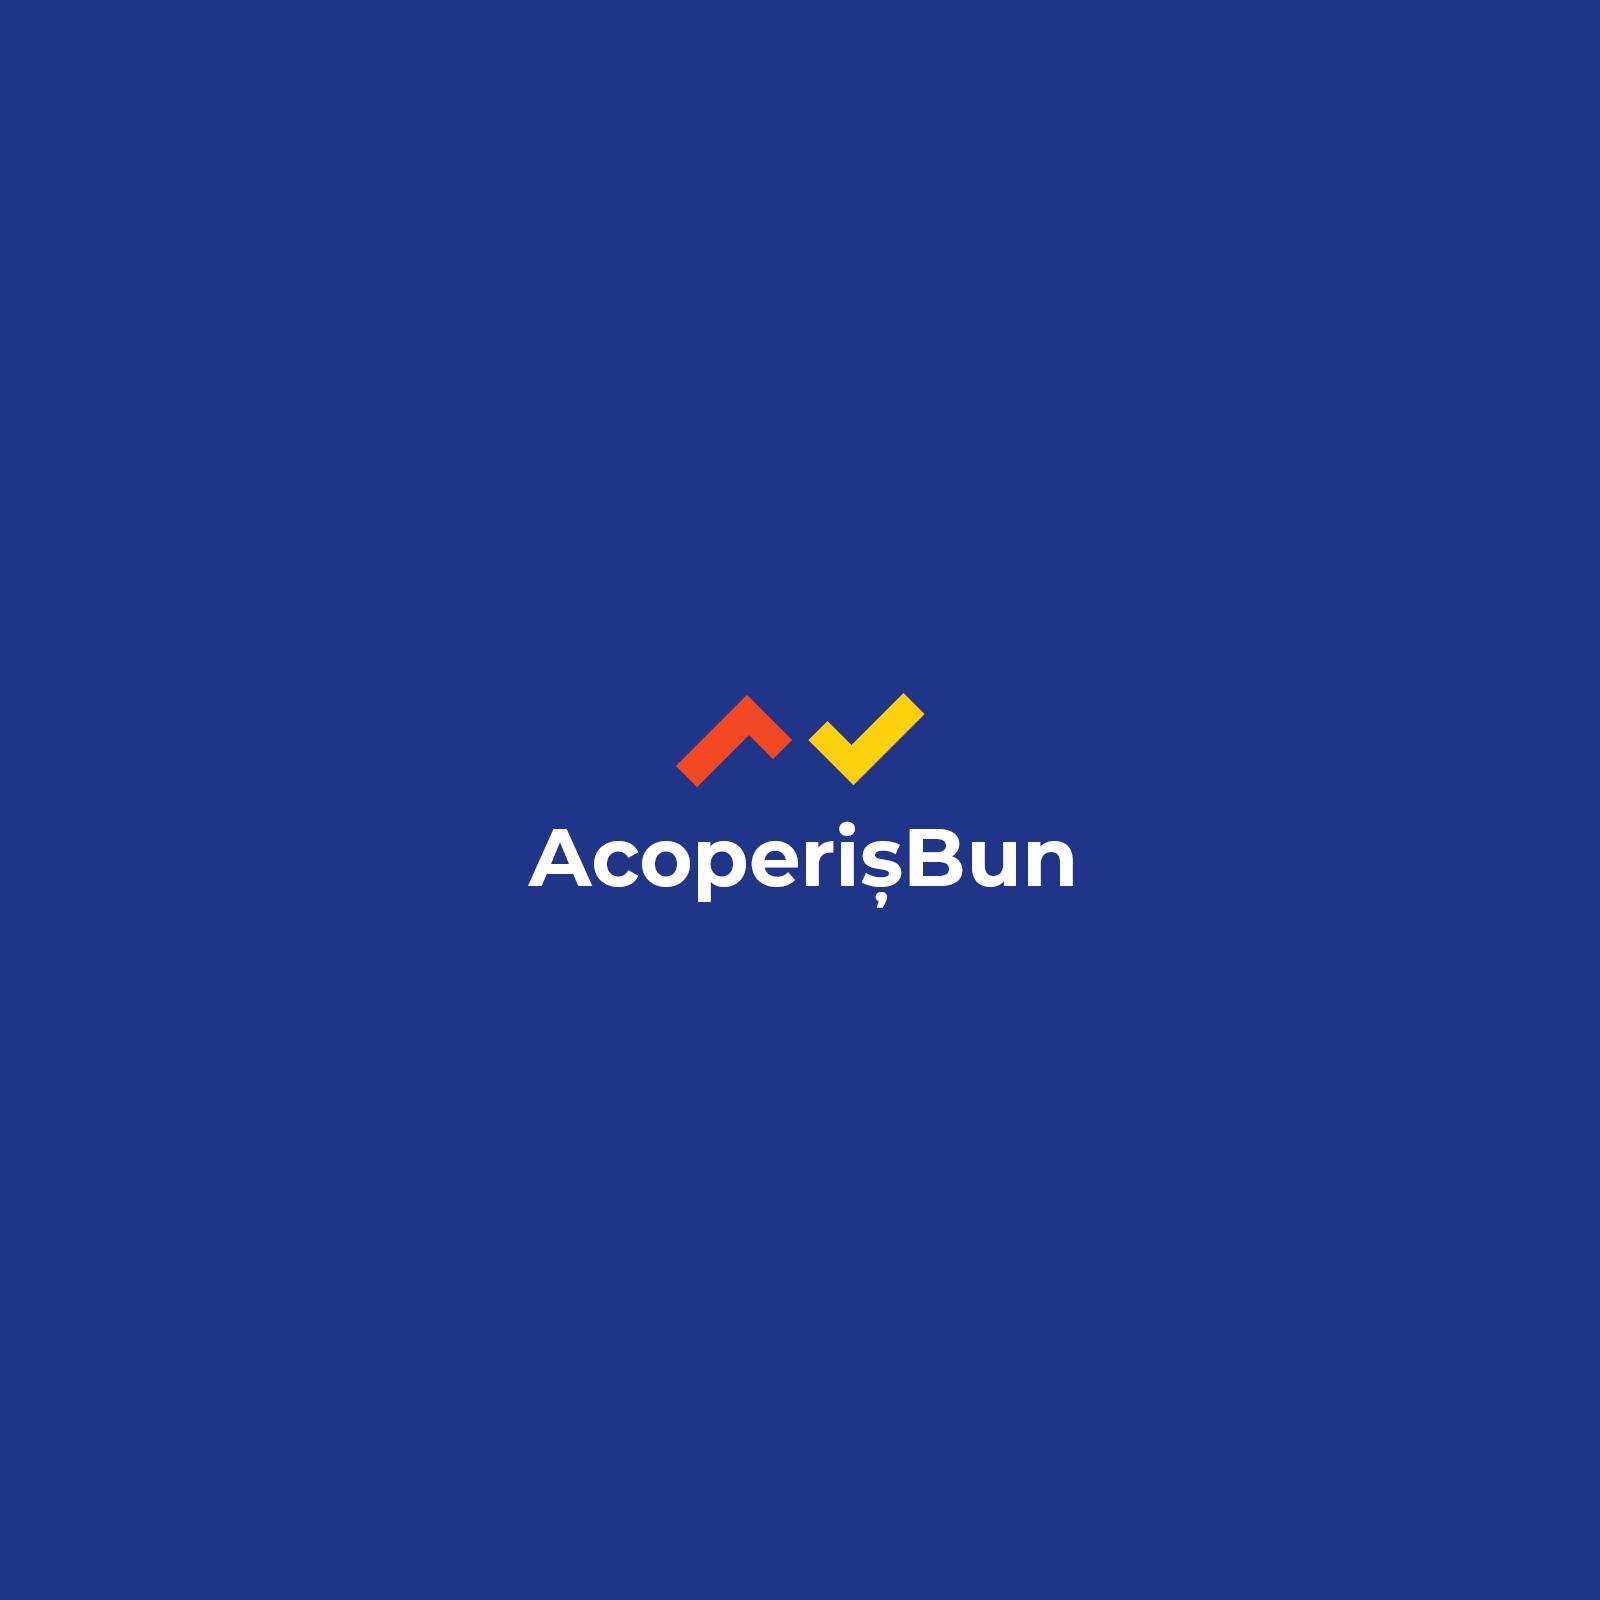 AcoperisBun